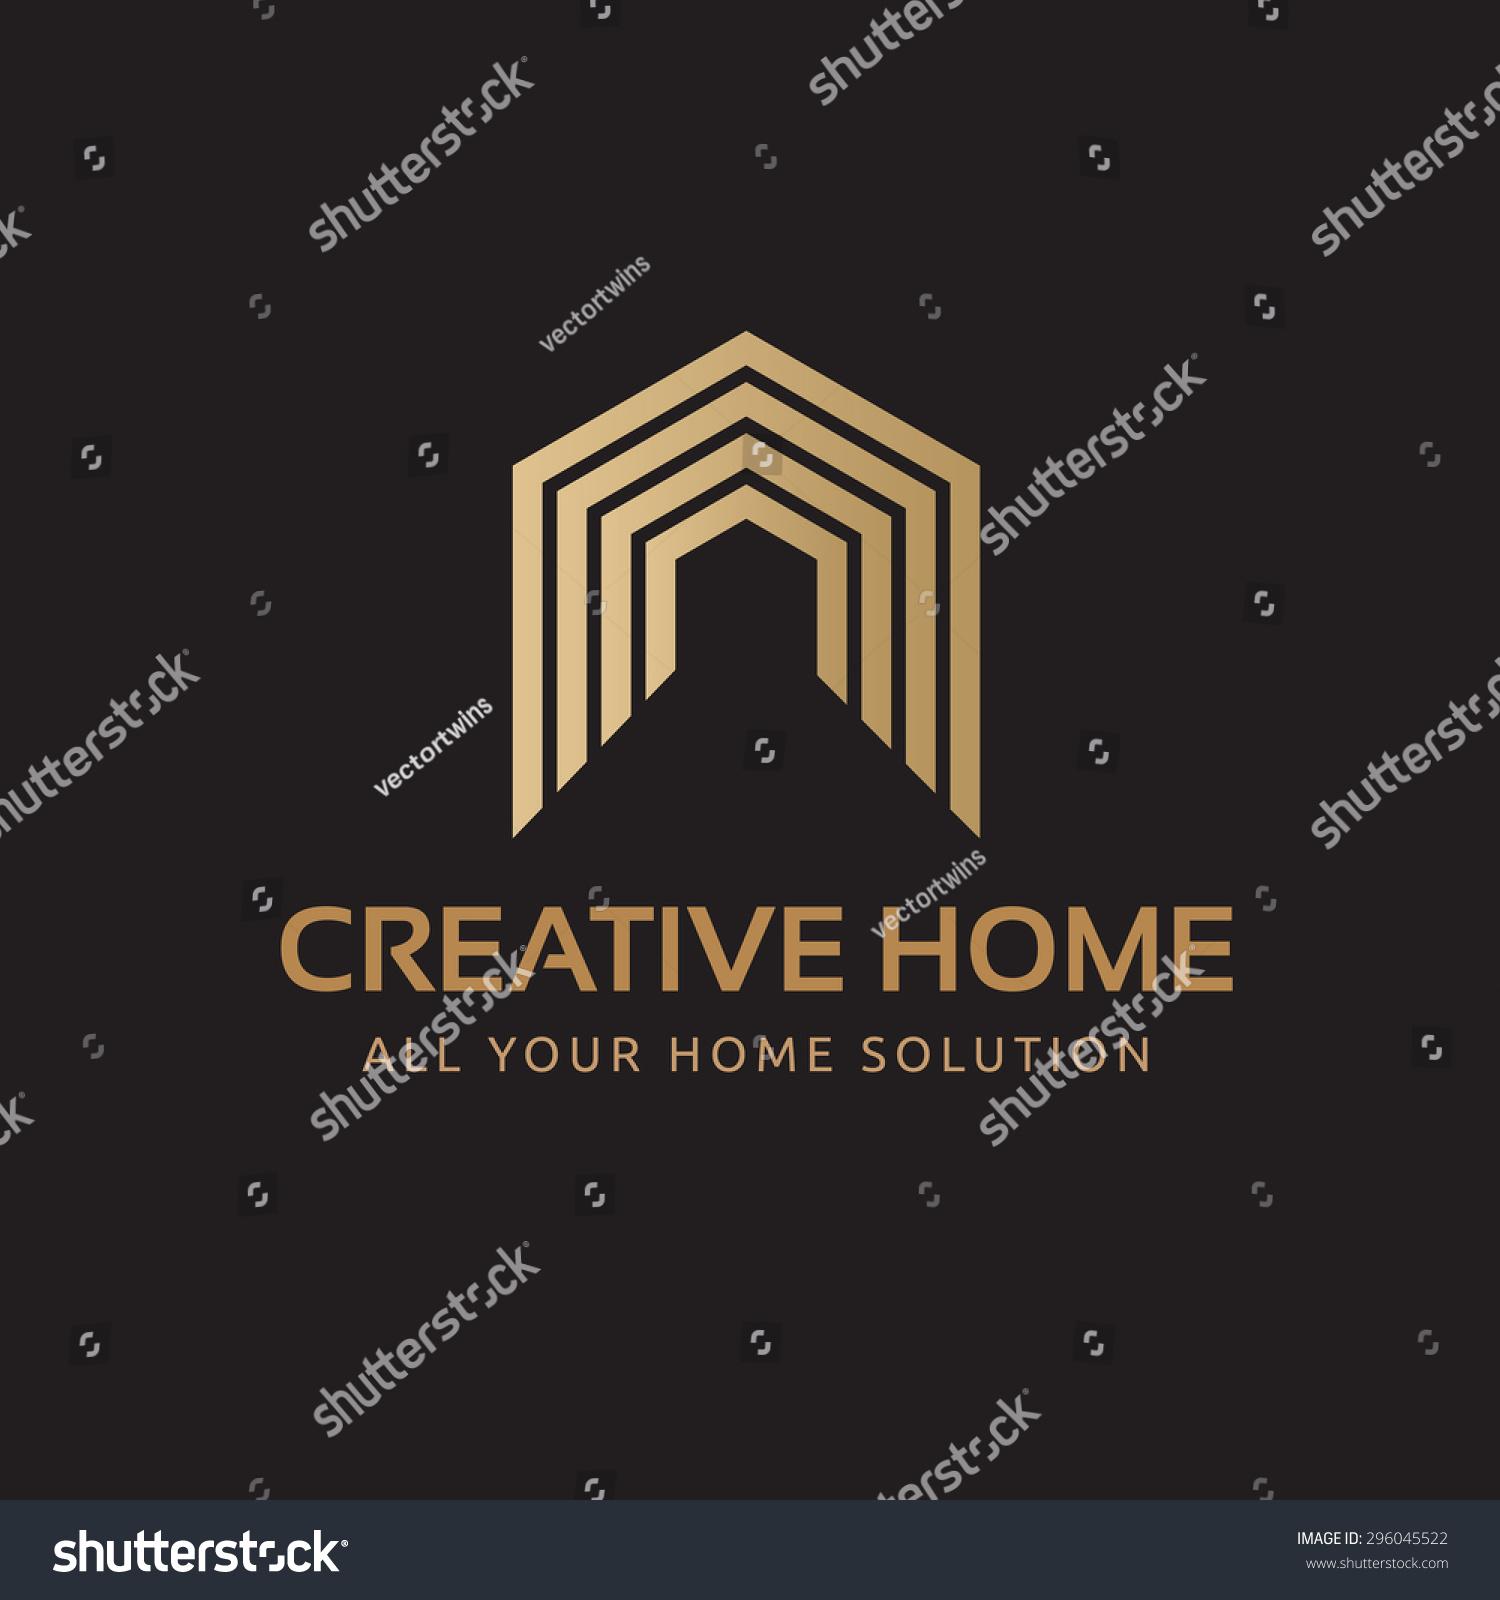 Creative Home Vector Logo Template Stock Vector 296045522